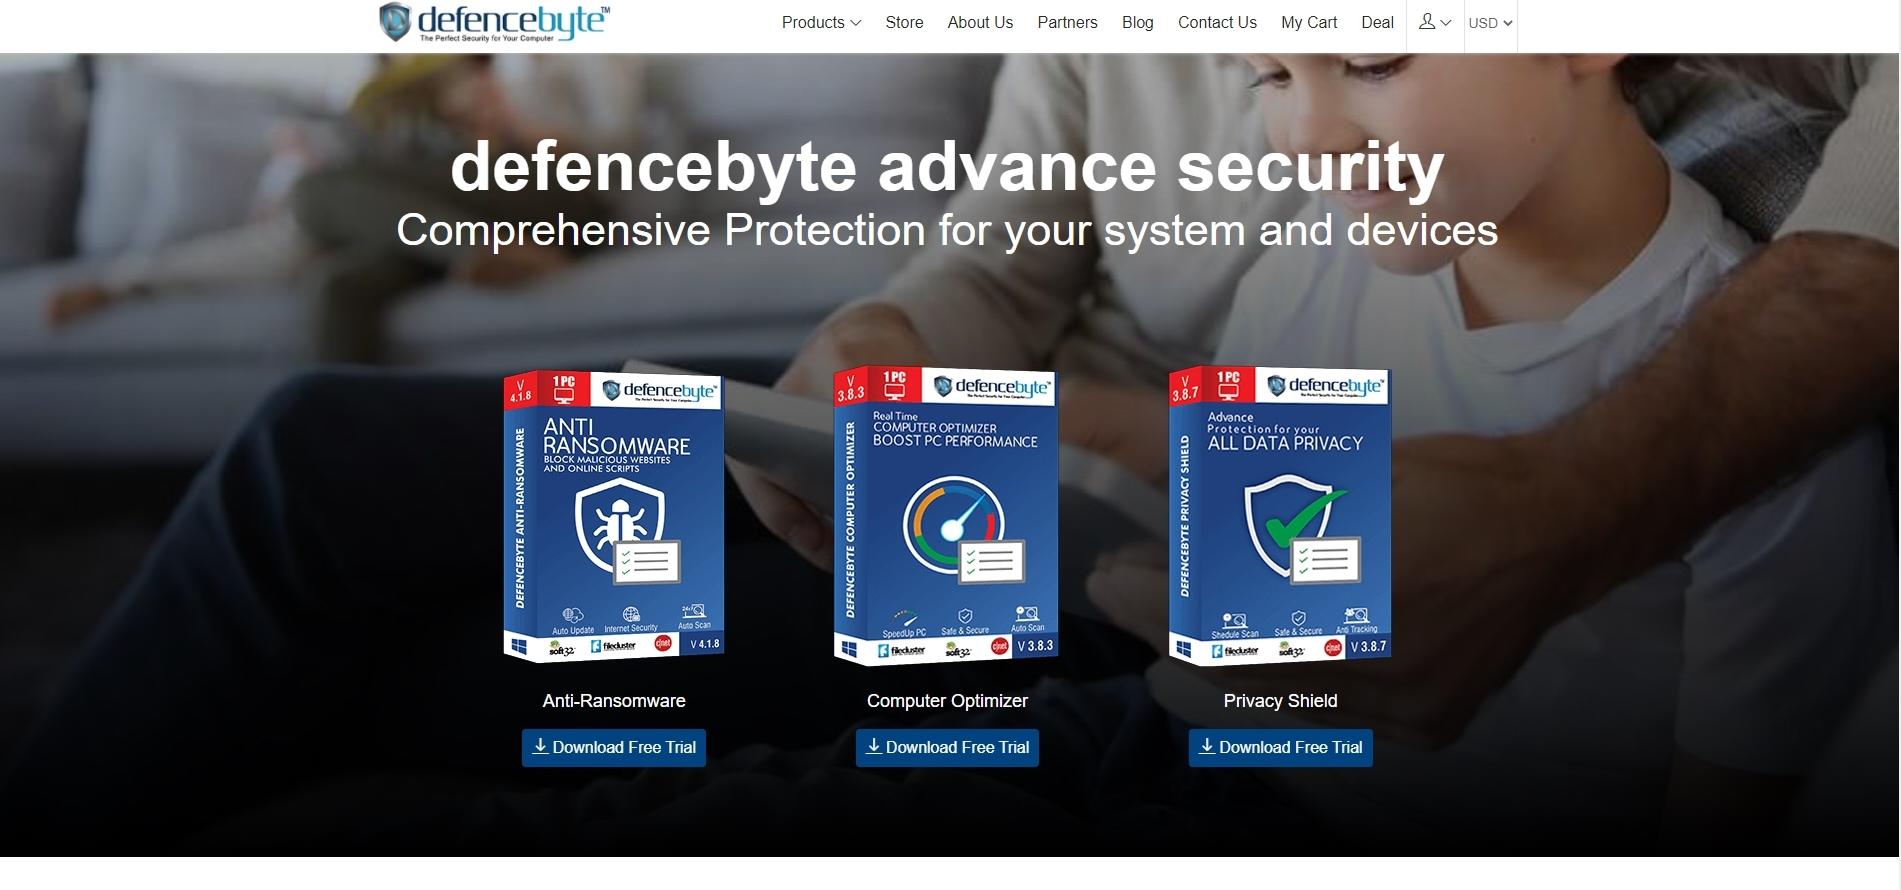 defencebyte - Ccleaner Alternatives